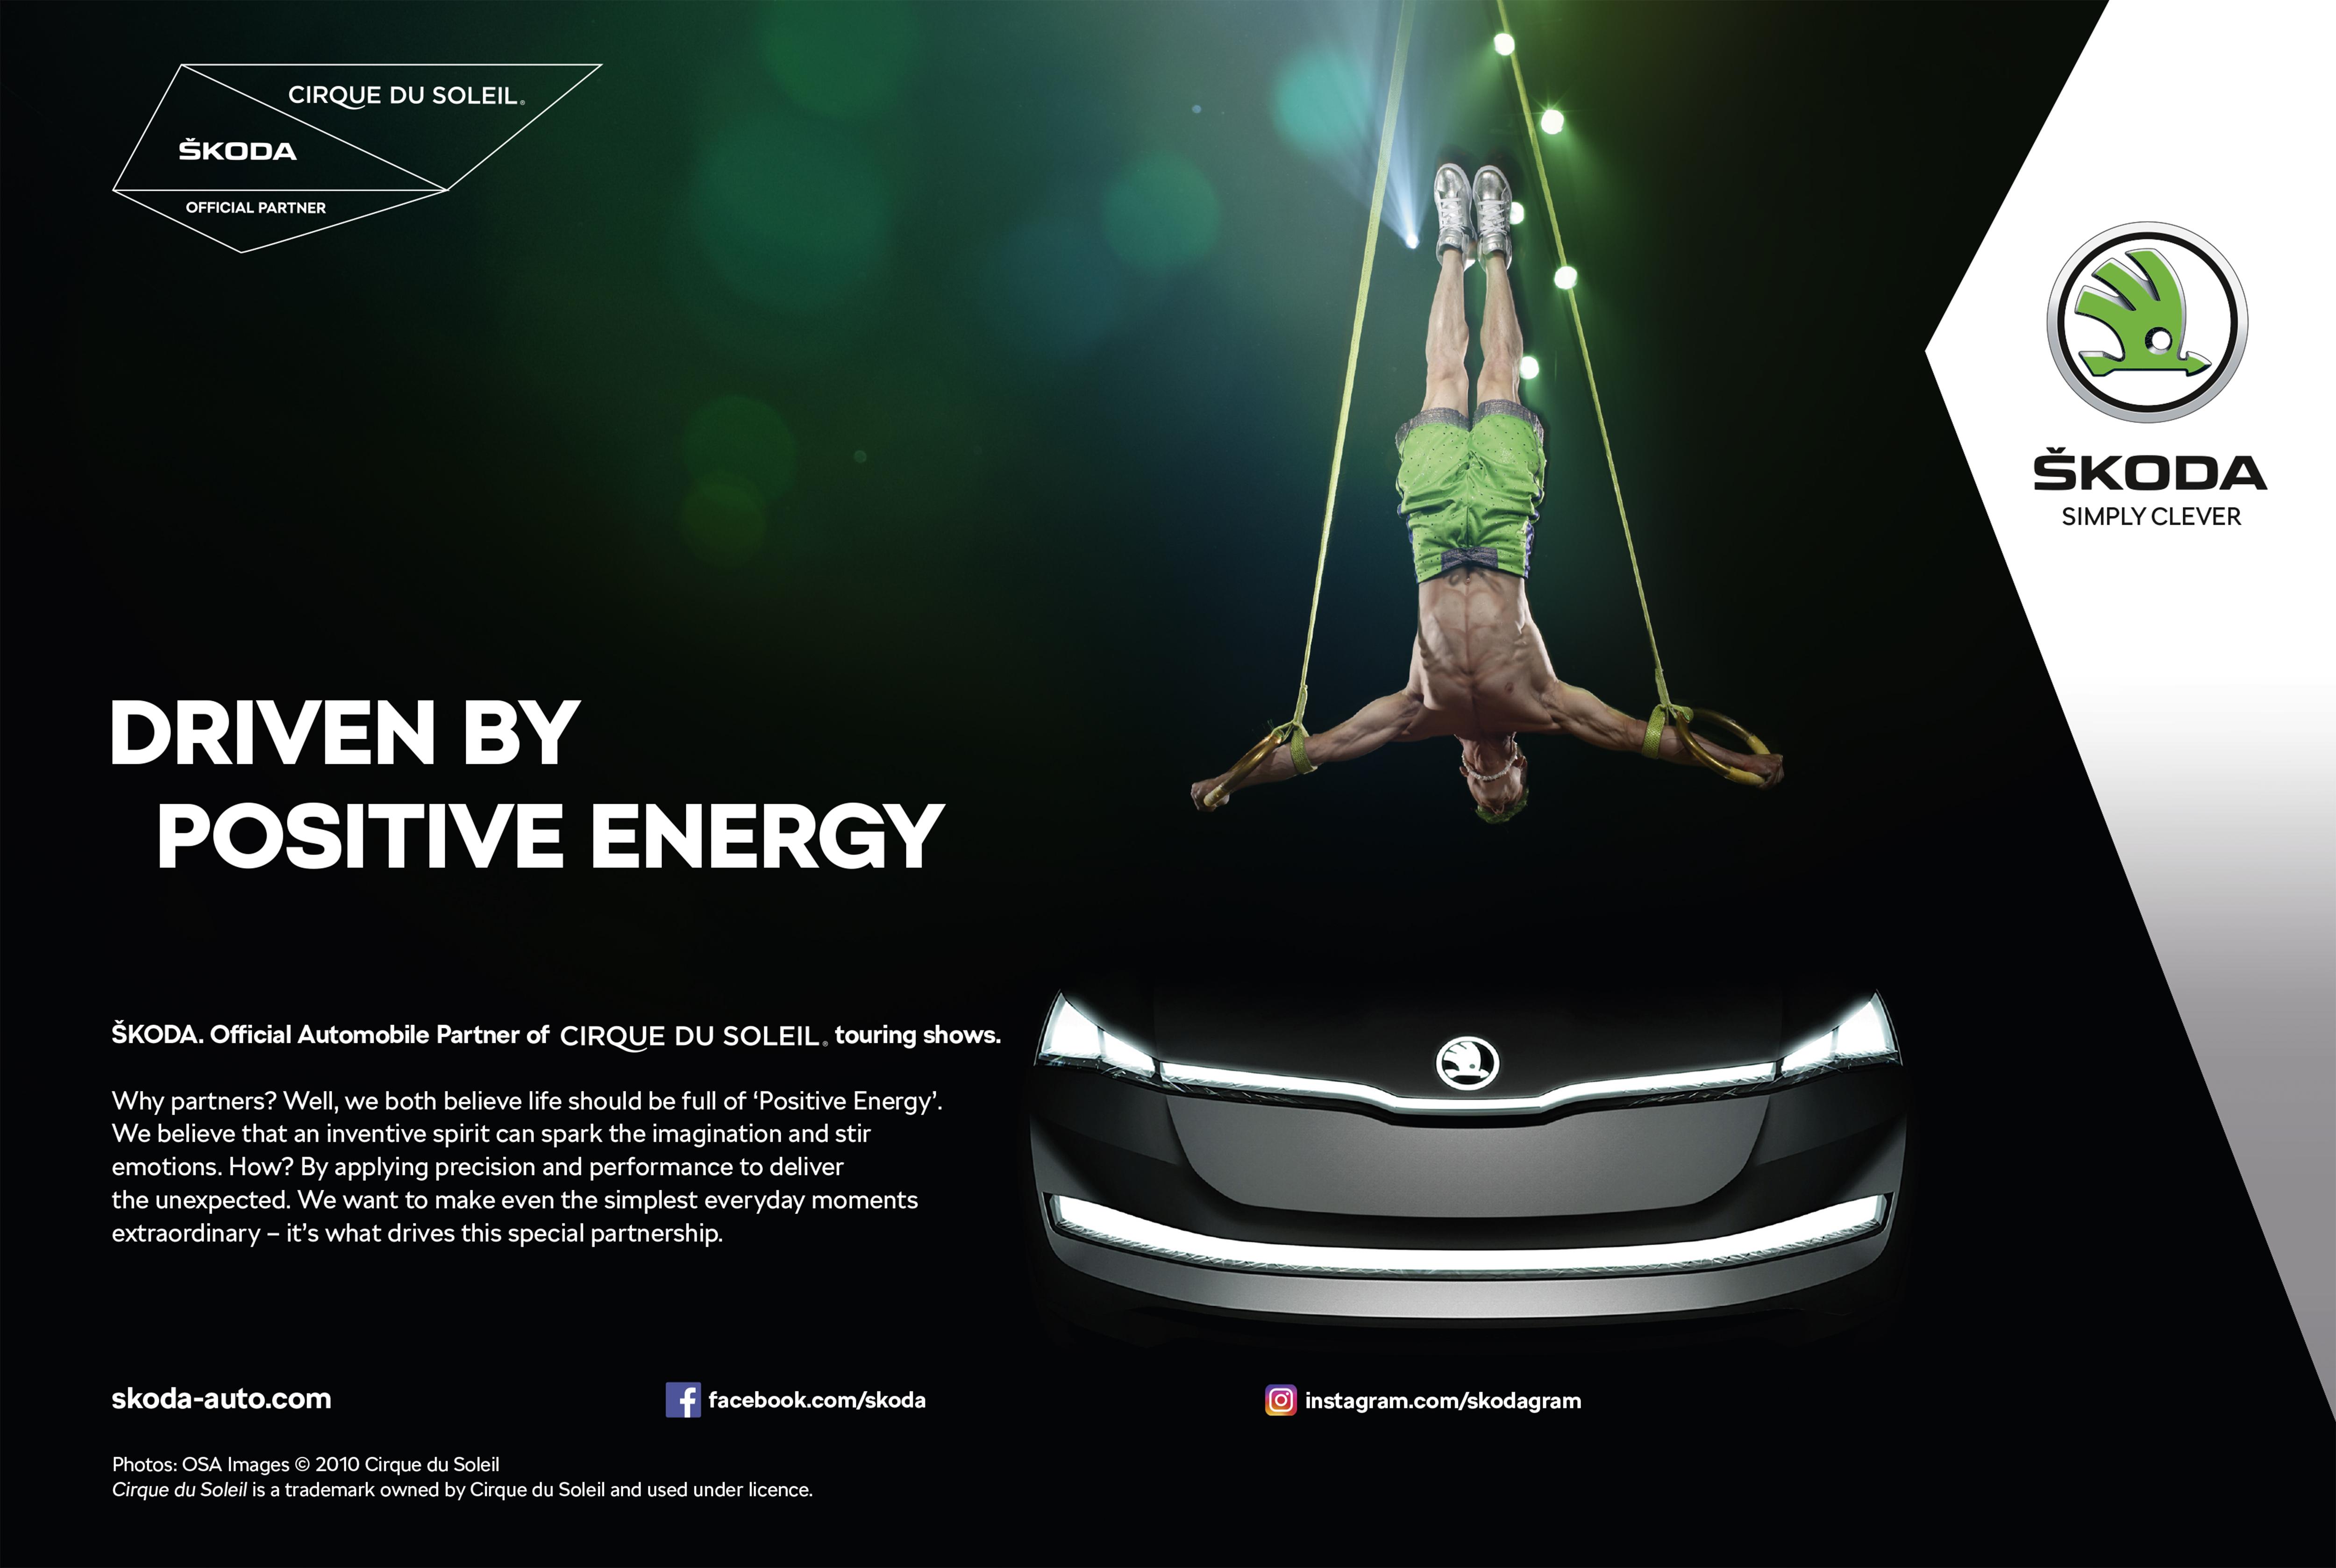 Официально: ŠKODA и Cirque du Soleil® заключили долгосрочное соглашение о партнерстве